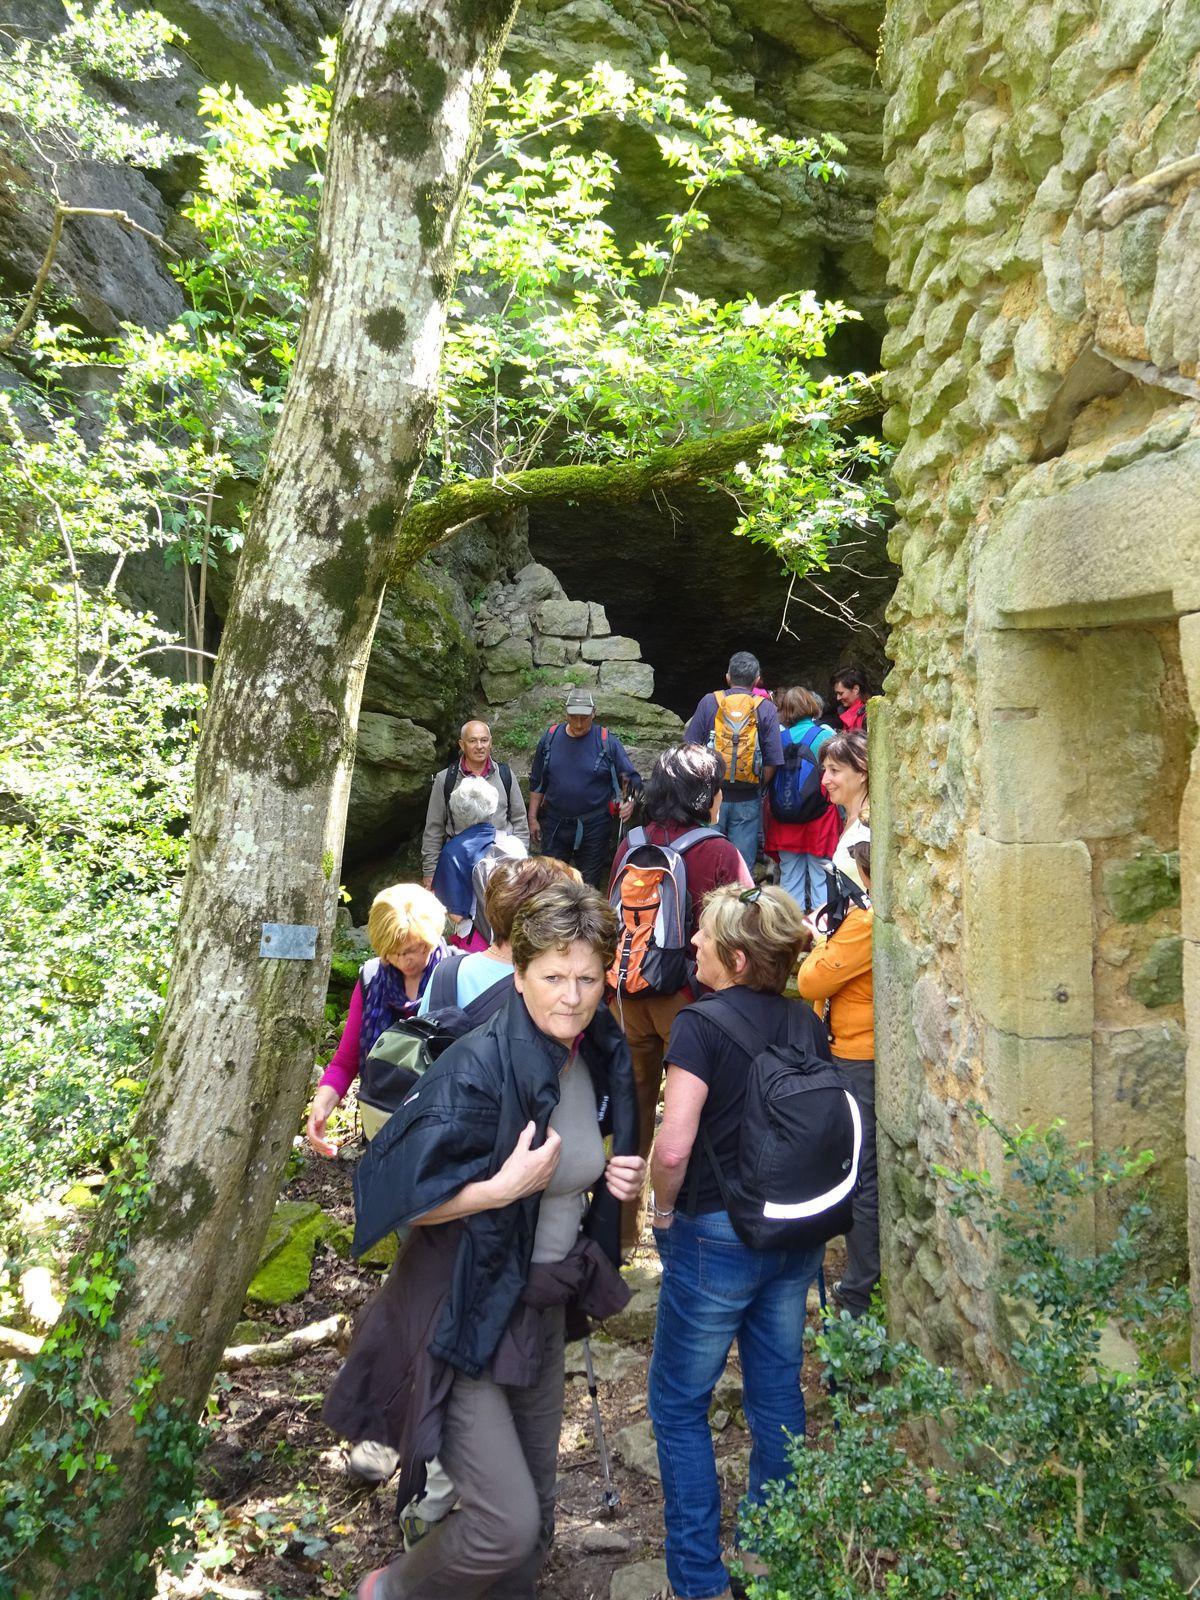 Ces grottes servaient de refuge pendant les guerres de religion. Les huguenots s'y cachaient.